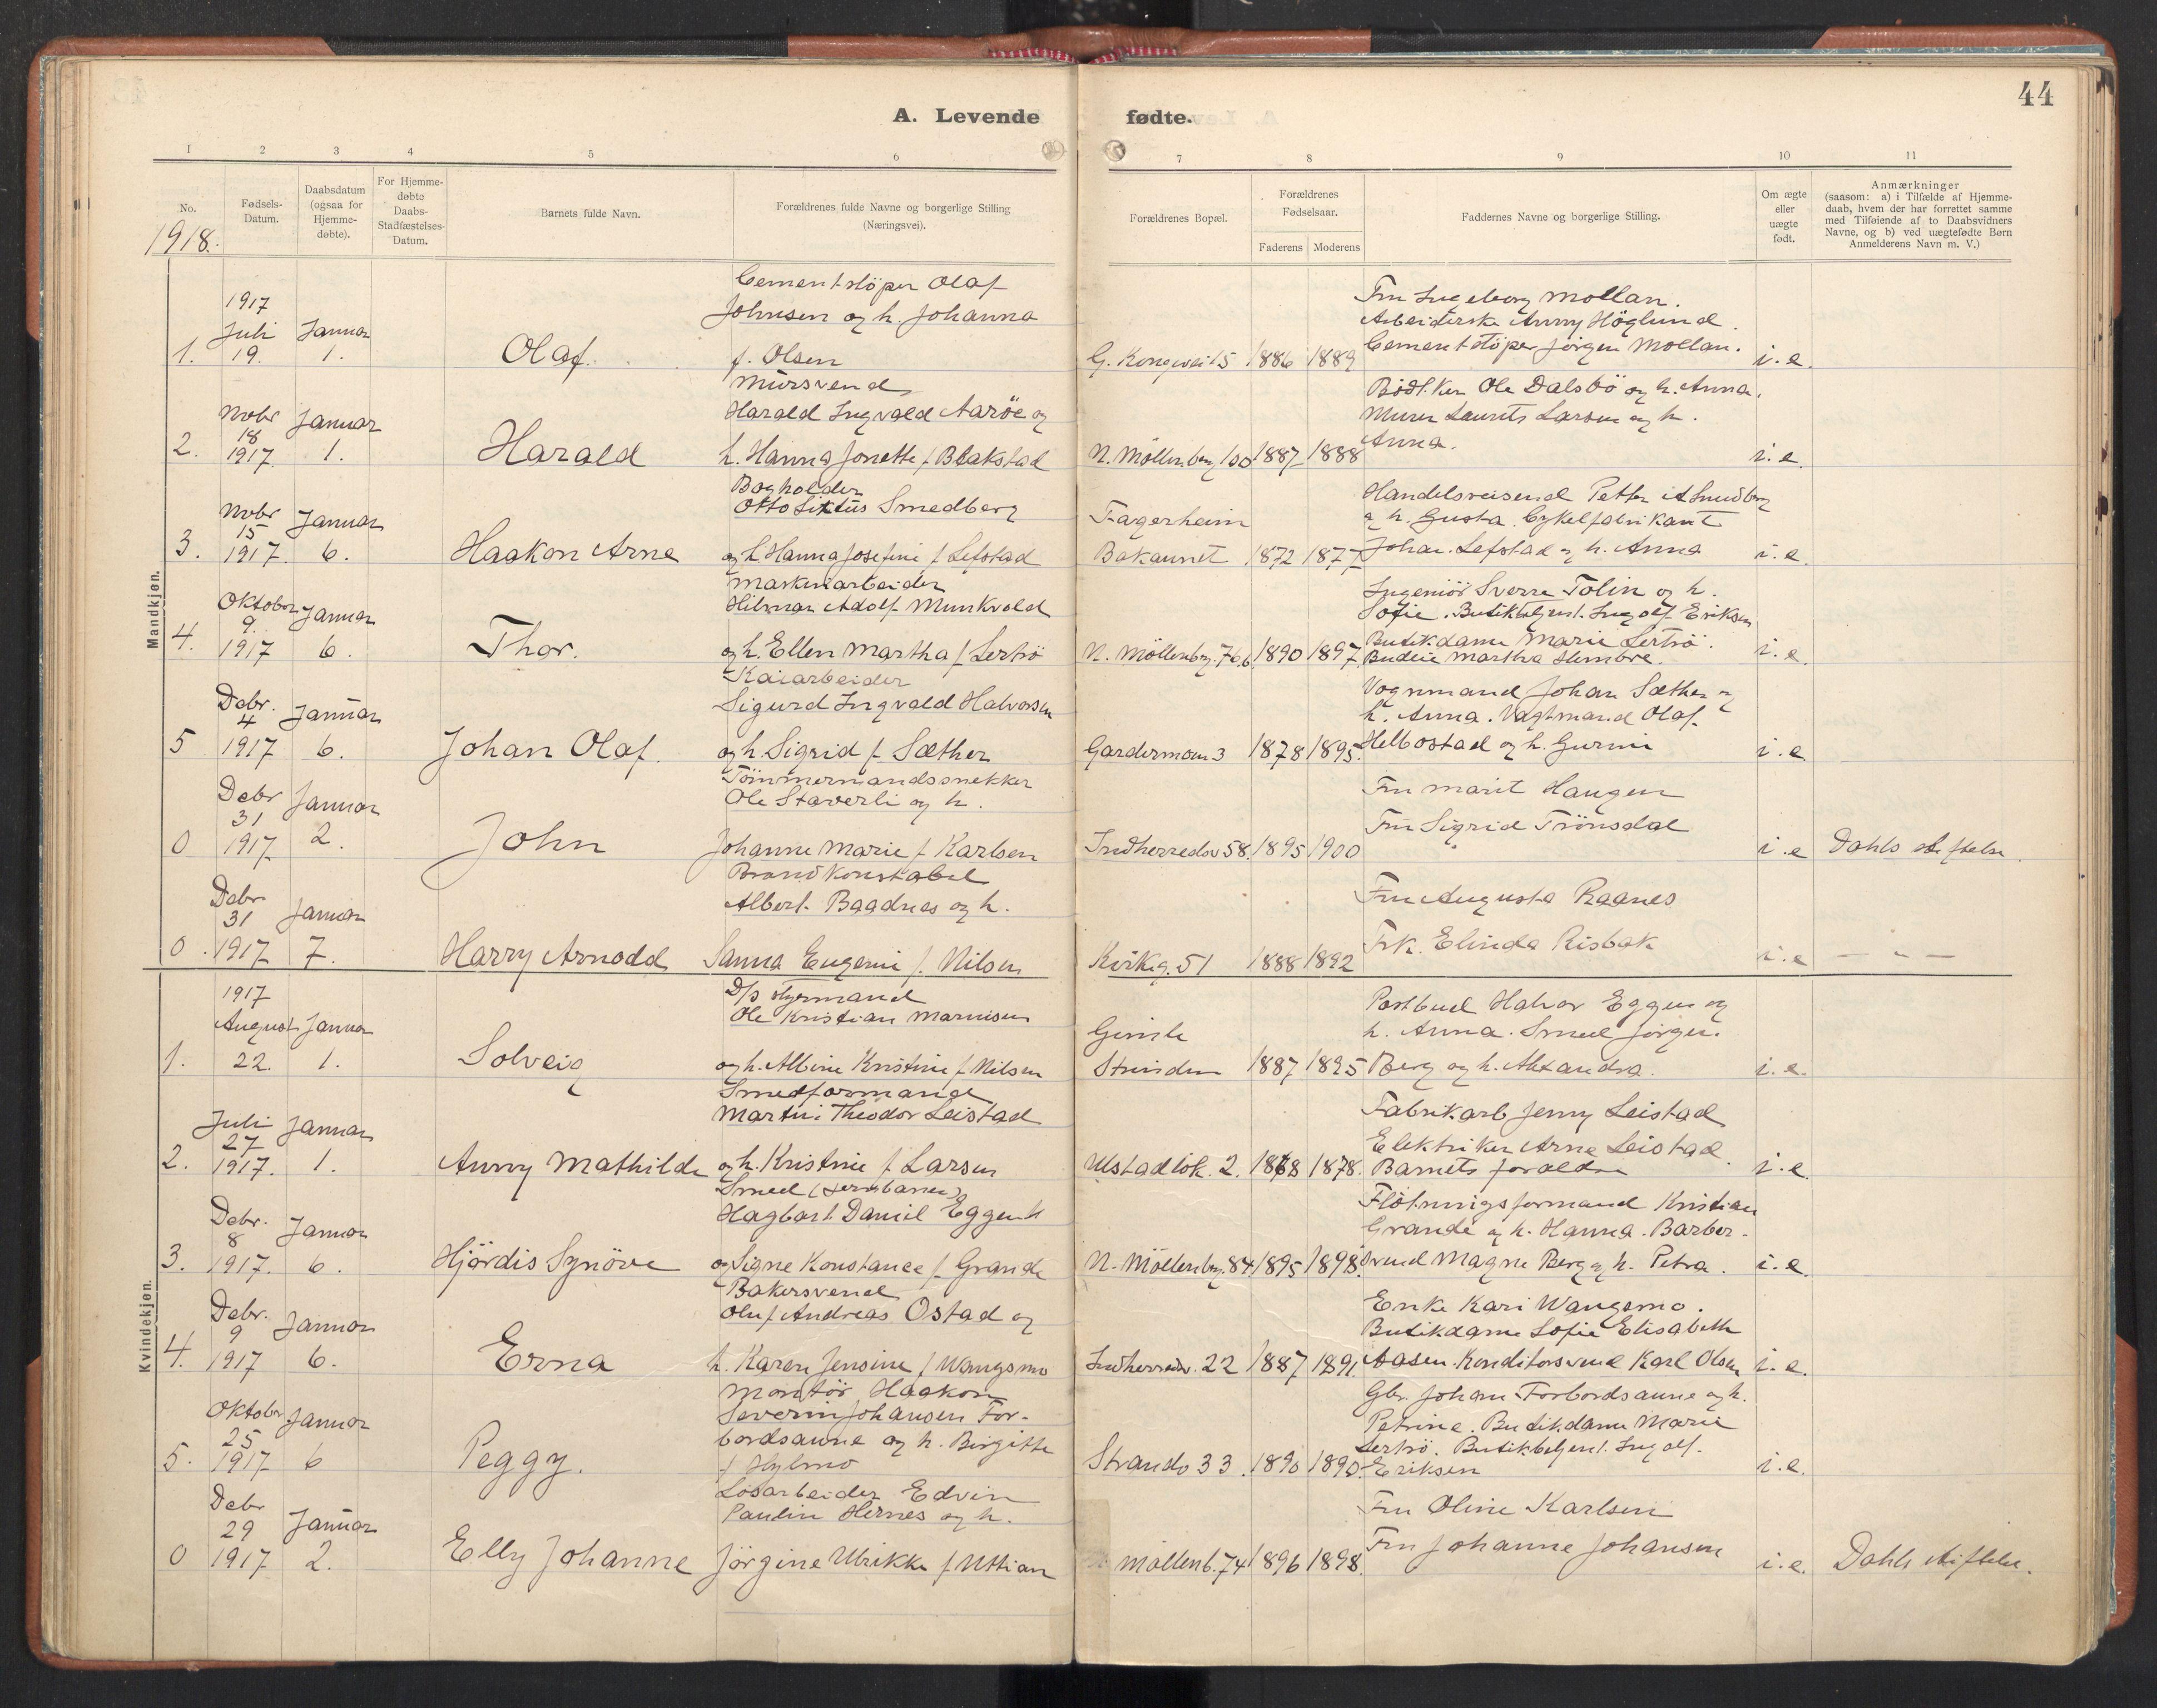 SAT, Ministerialprotokoller, klokkerbøker og fødselsregistre - Sør-Trøndelag, 605/L0246: Ministerialbok nr. 605A08, 1916-1920, s. 44